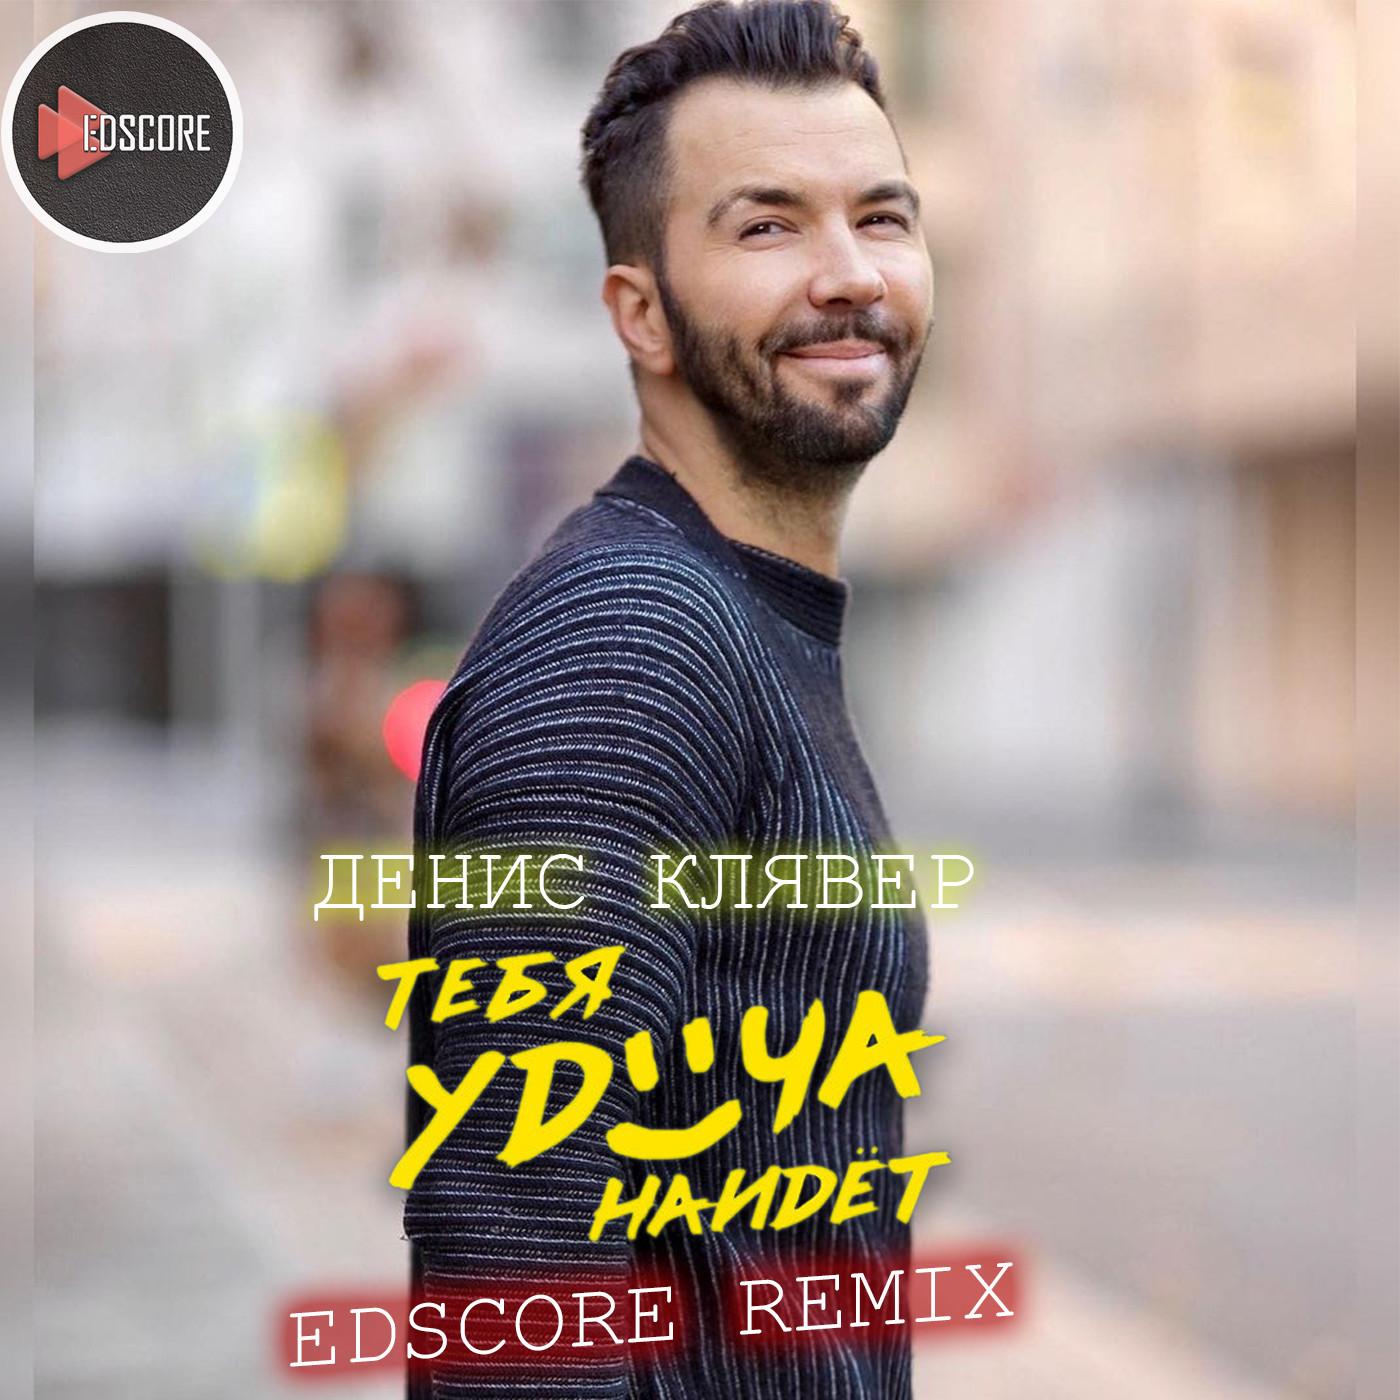 Денис Клявер — Тебя удача найдет (EDscore Remix)